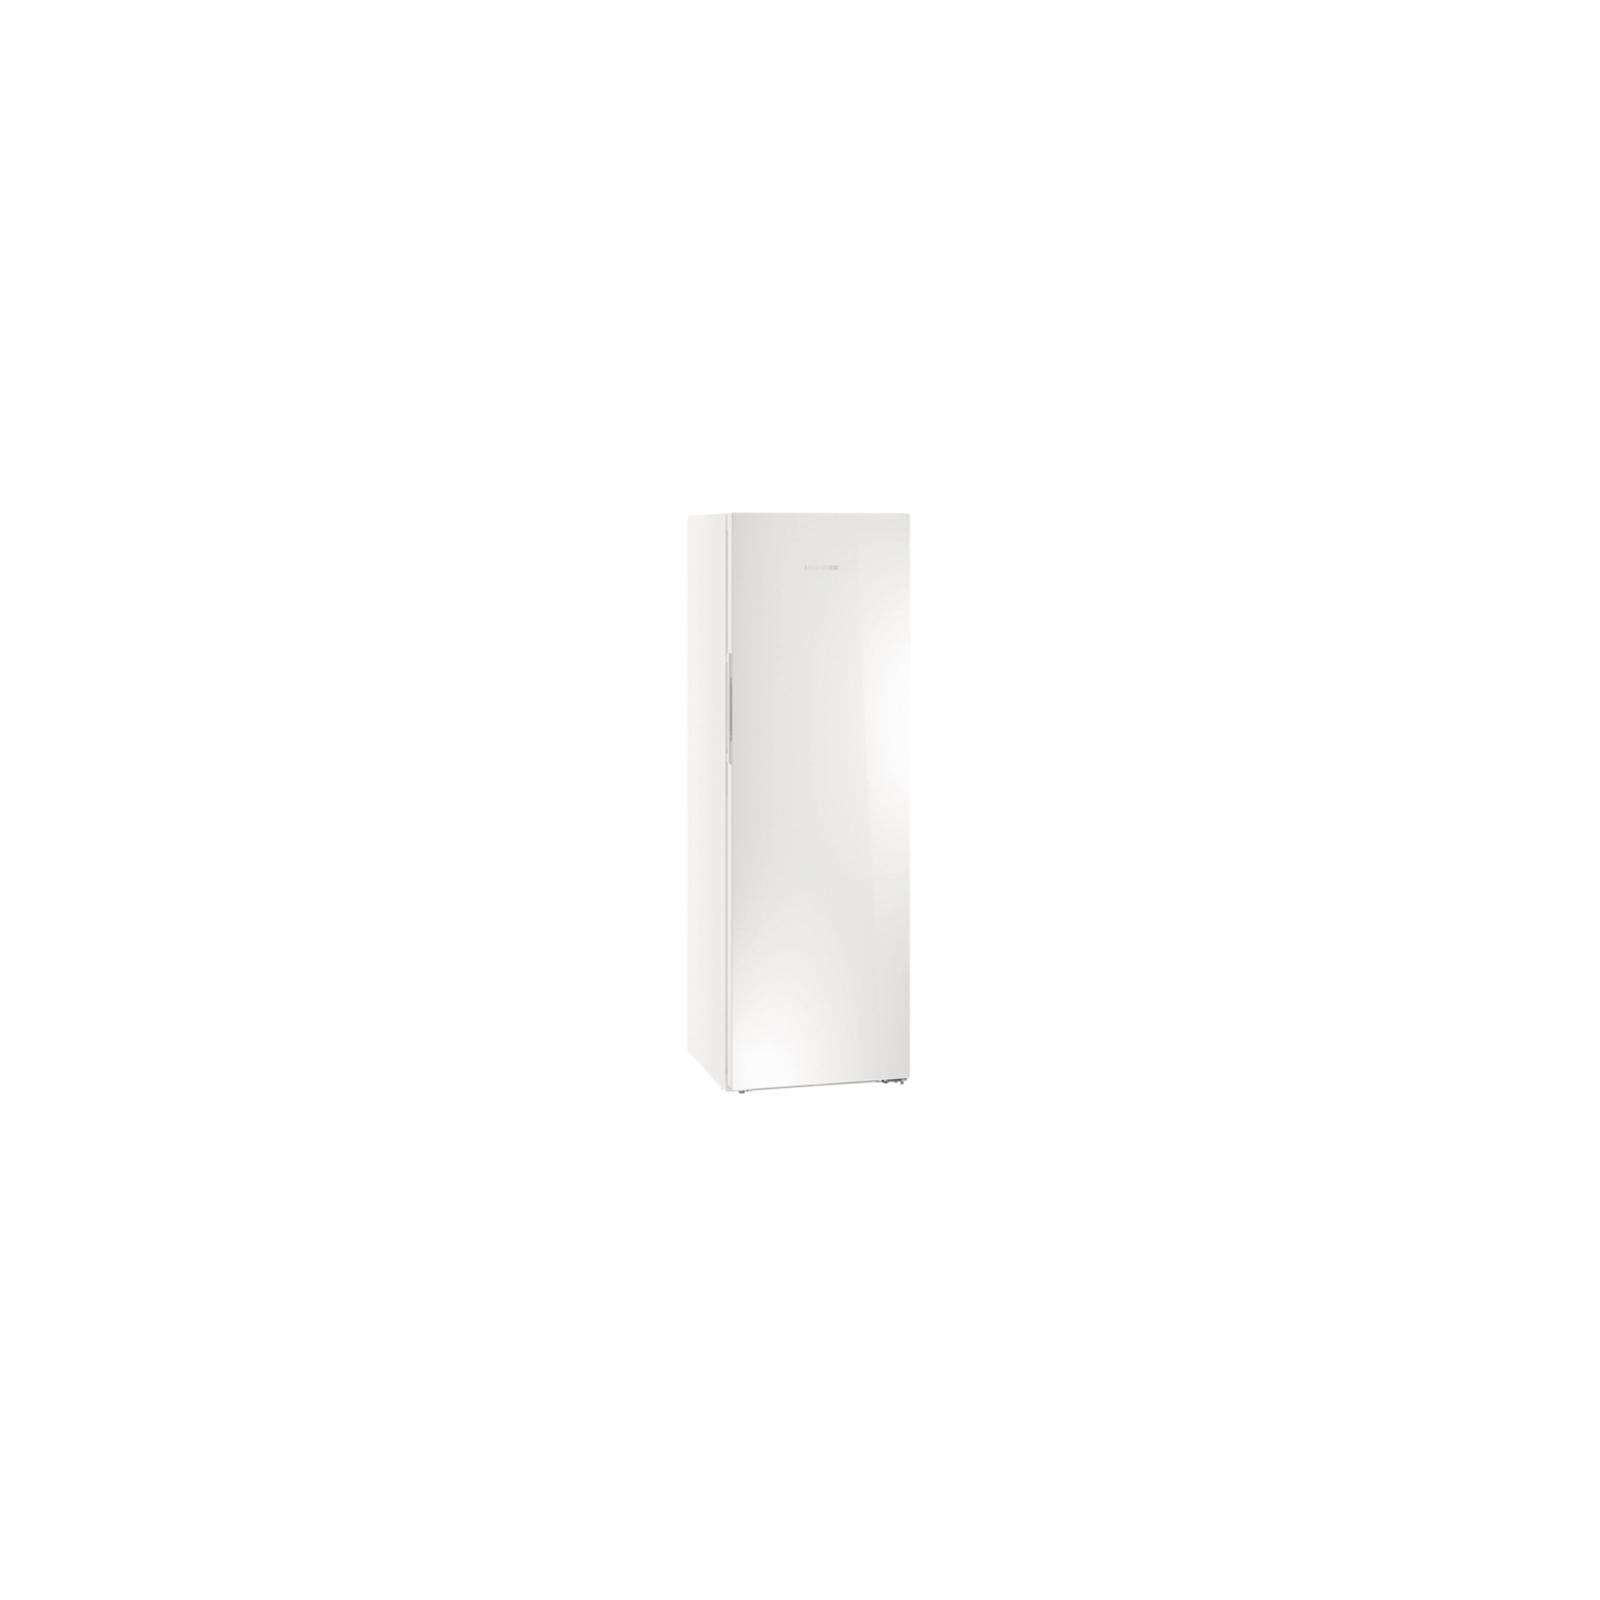 Холодильник Liebherr KBPgw 4354